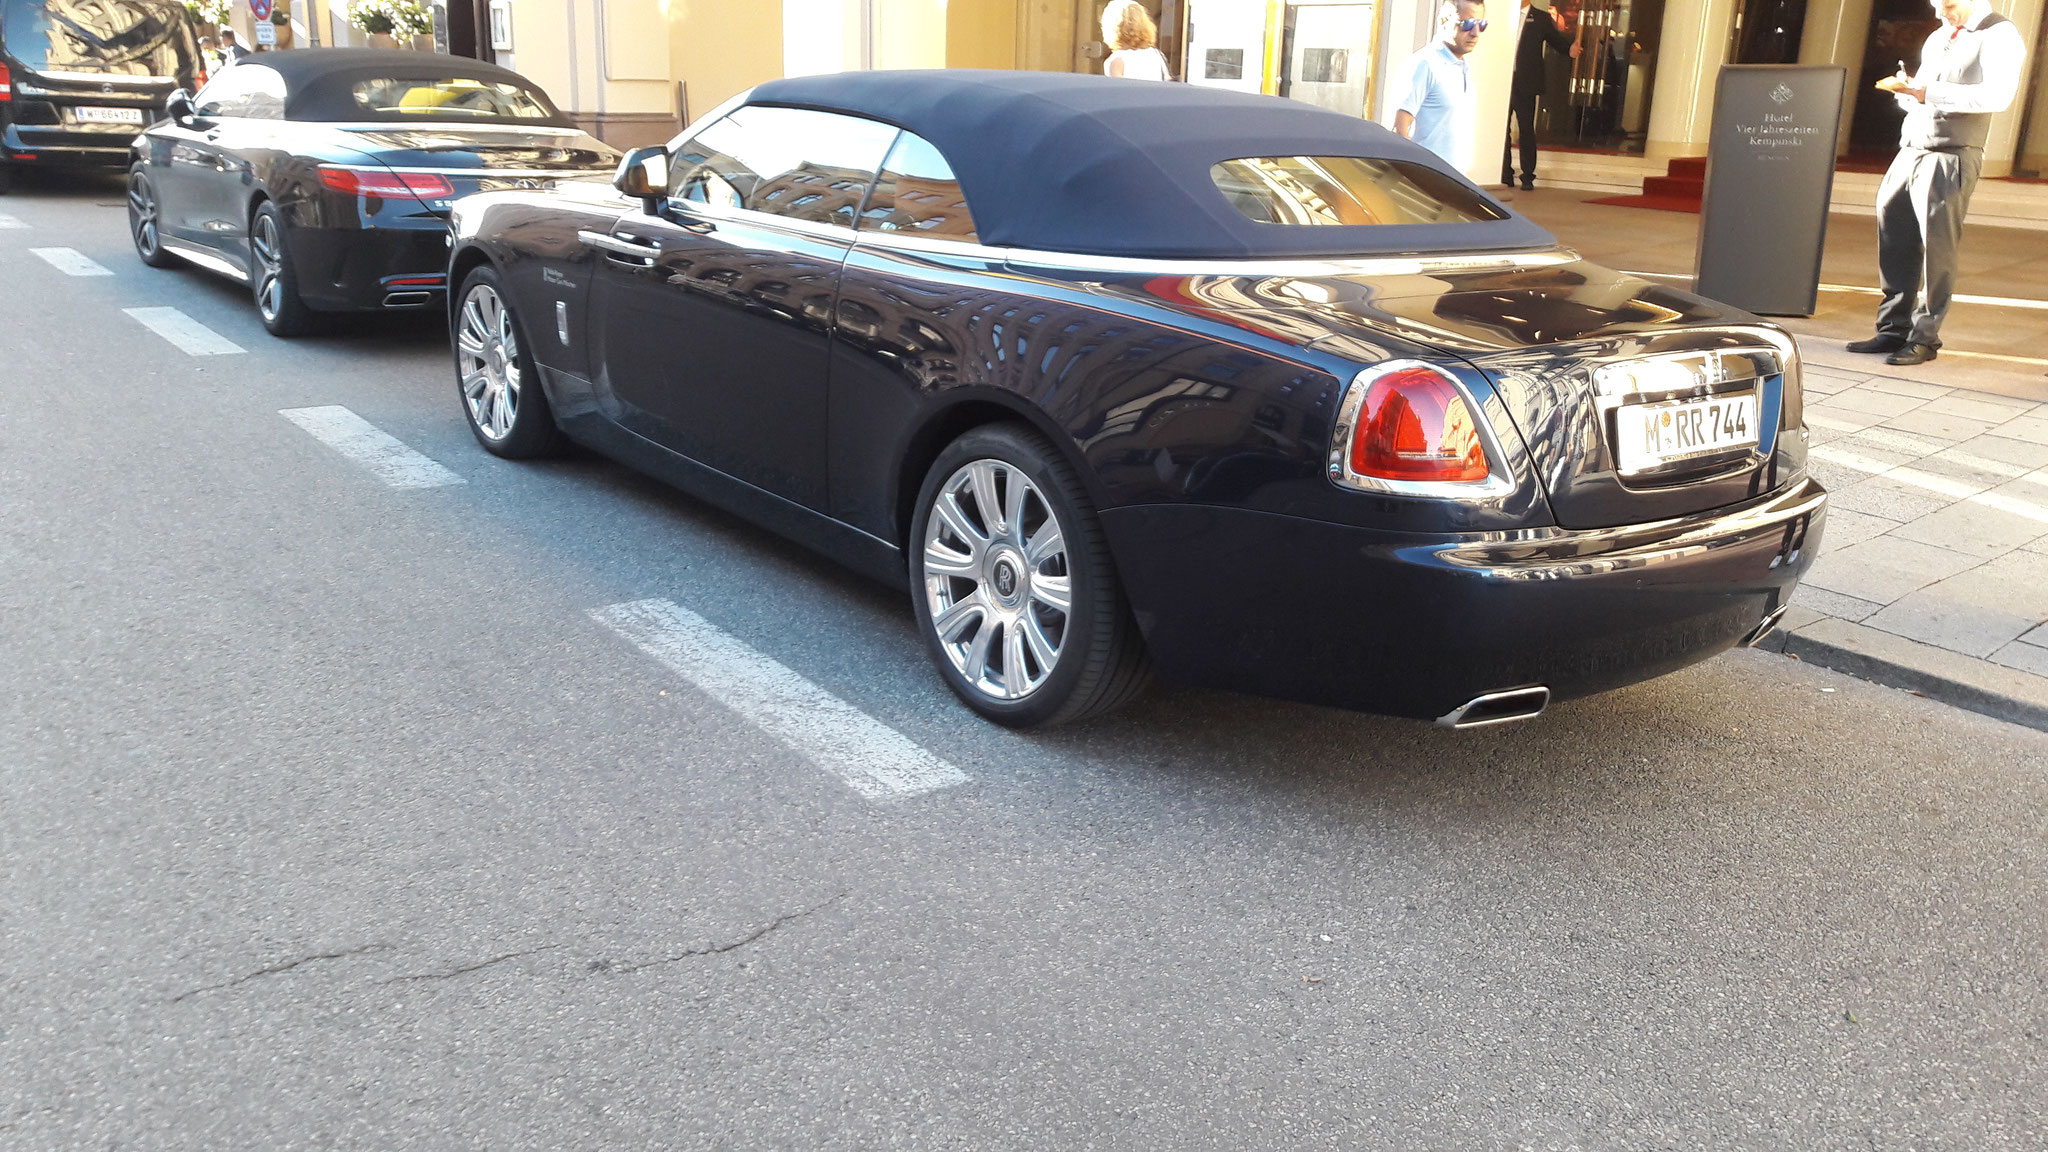 Rolls Royce Dawn - M-RR-744